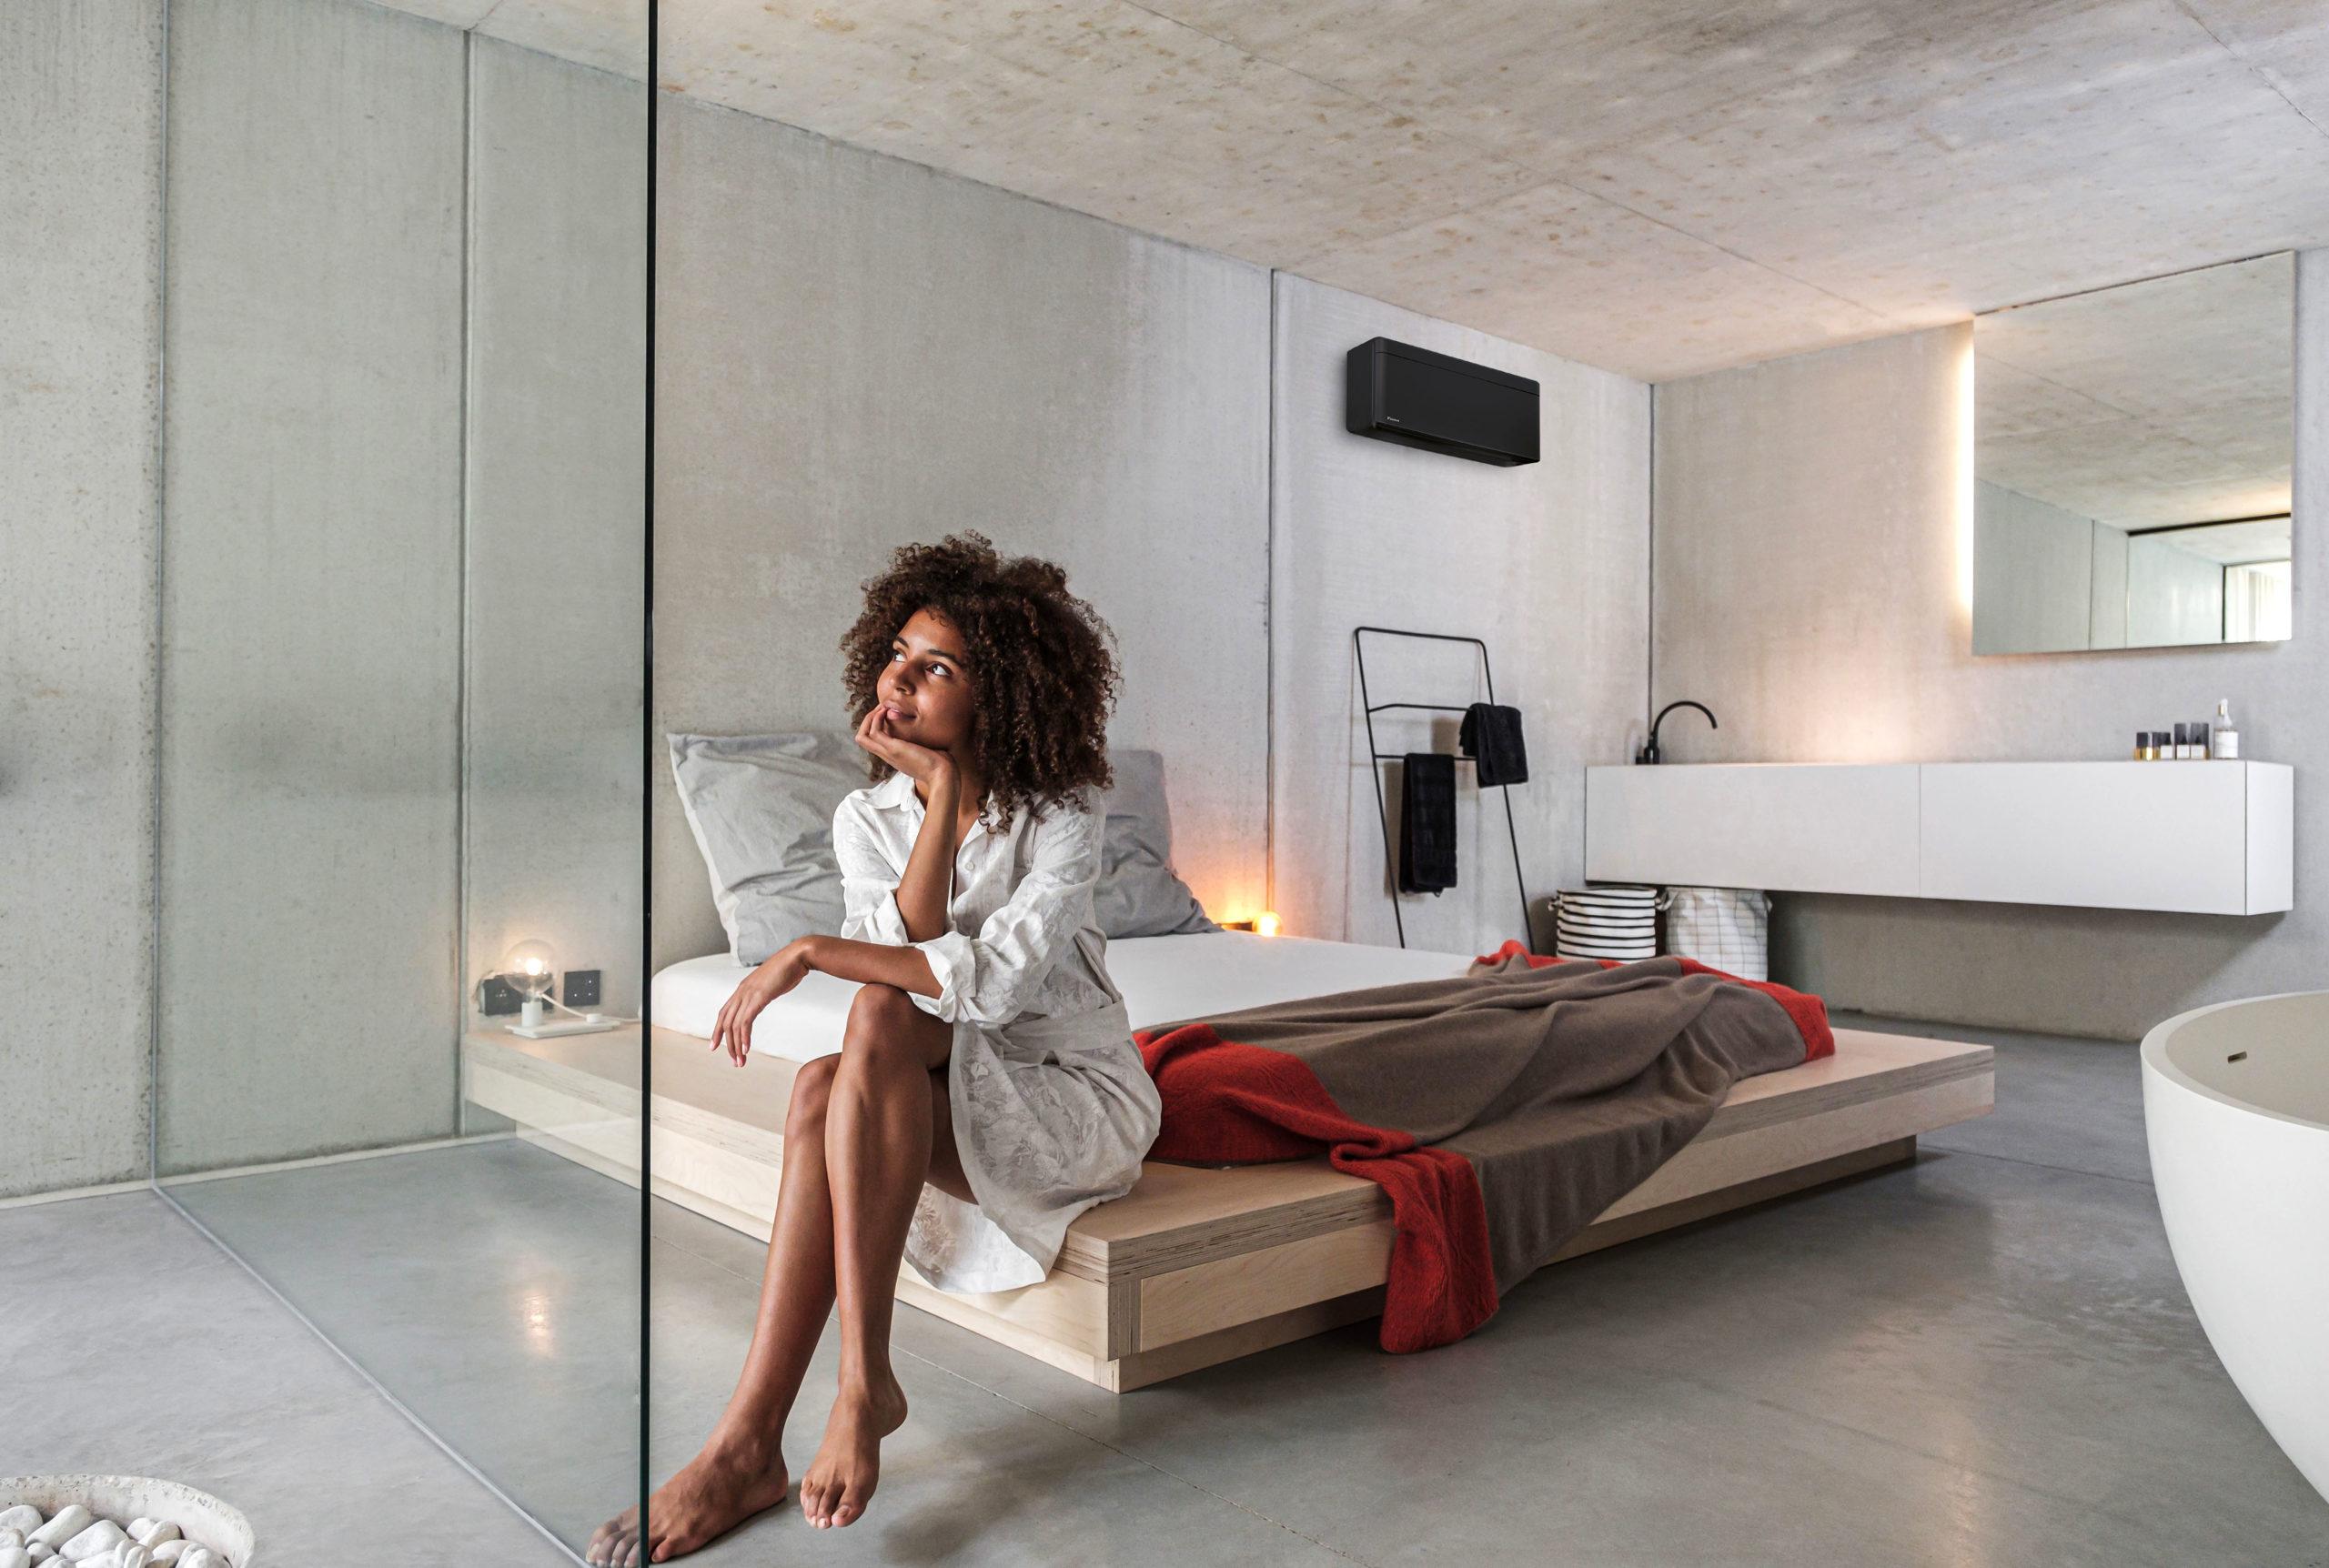 Frau geniesst die Klimaanlage im Schlafzimmer